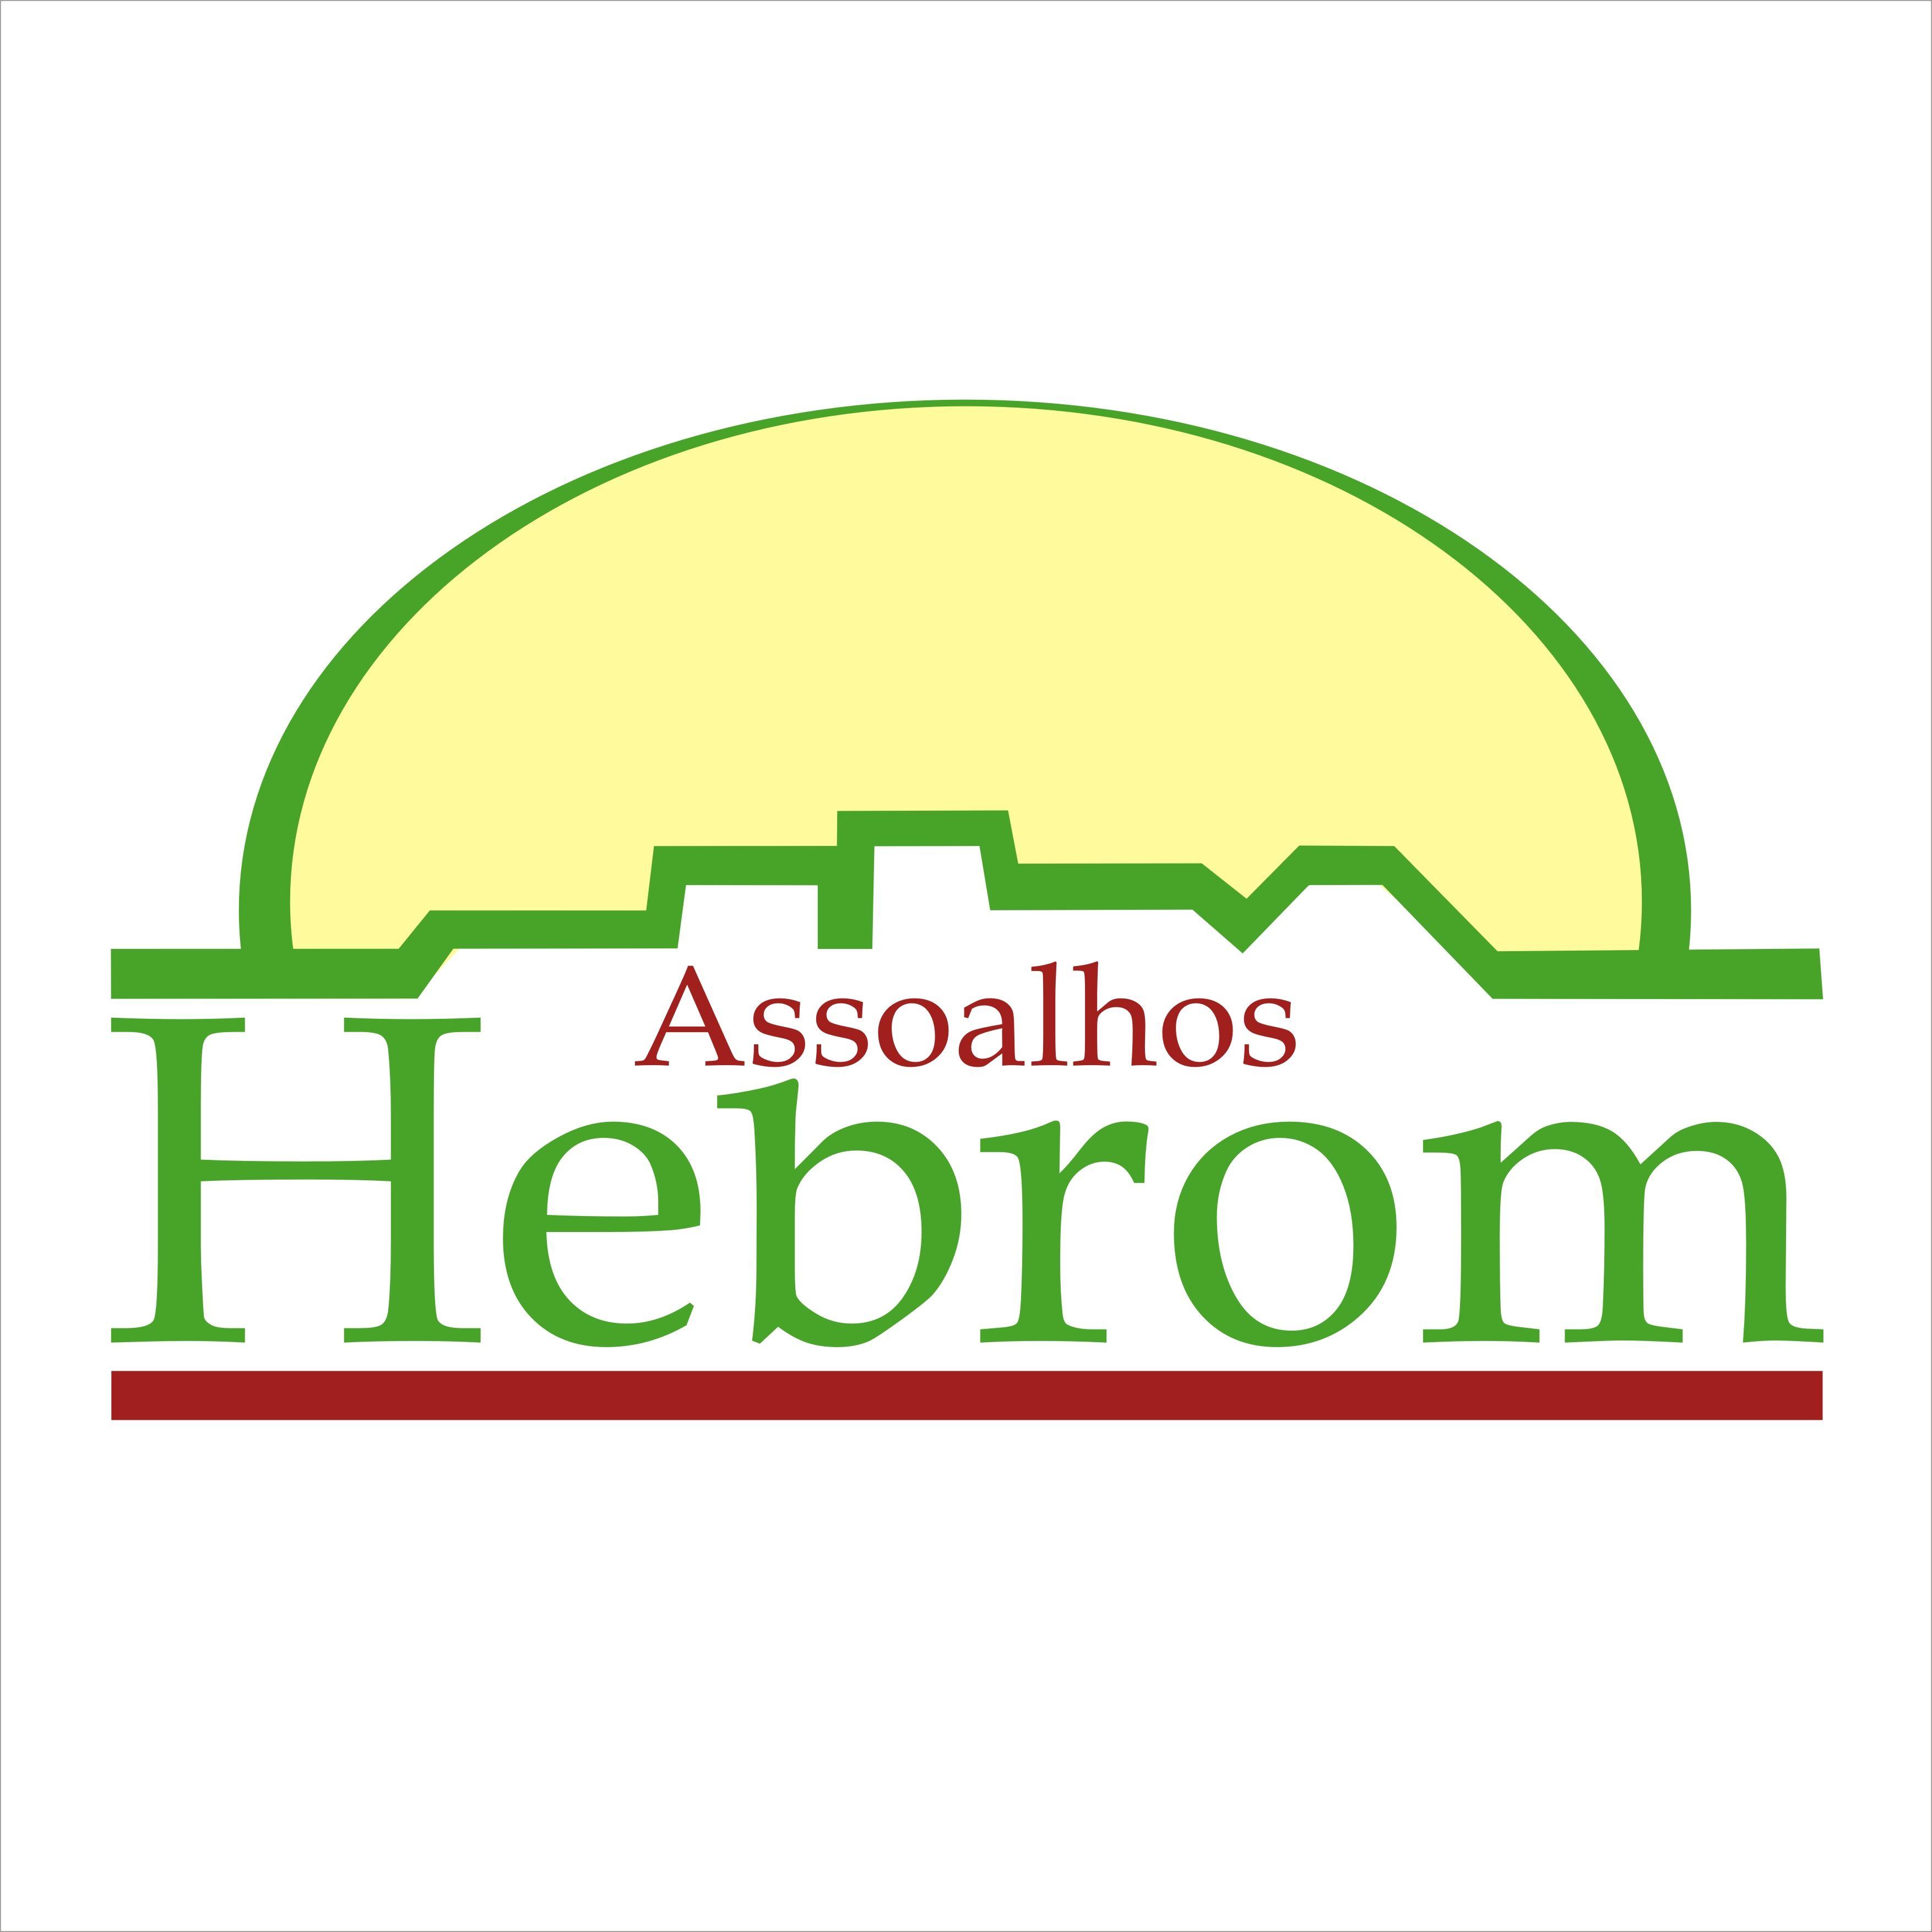 Criação  Logotipo Assoalhos Hebrom - N2 Midia